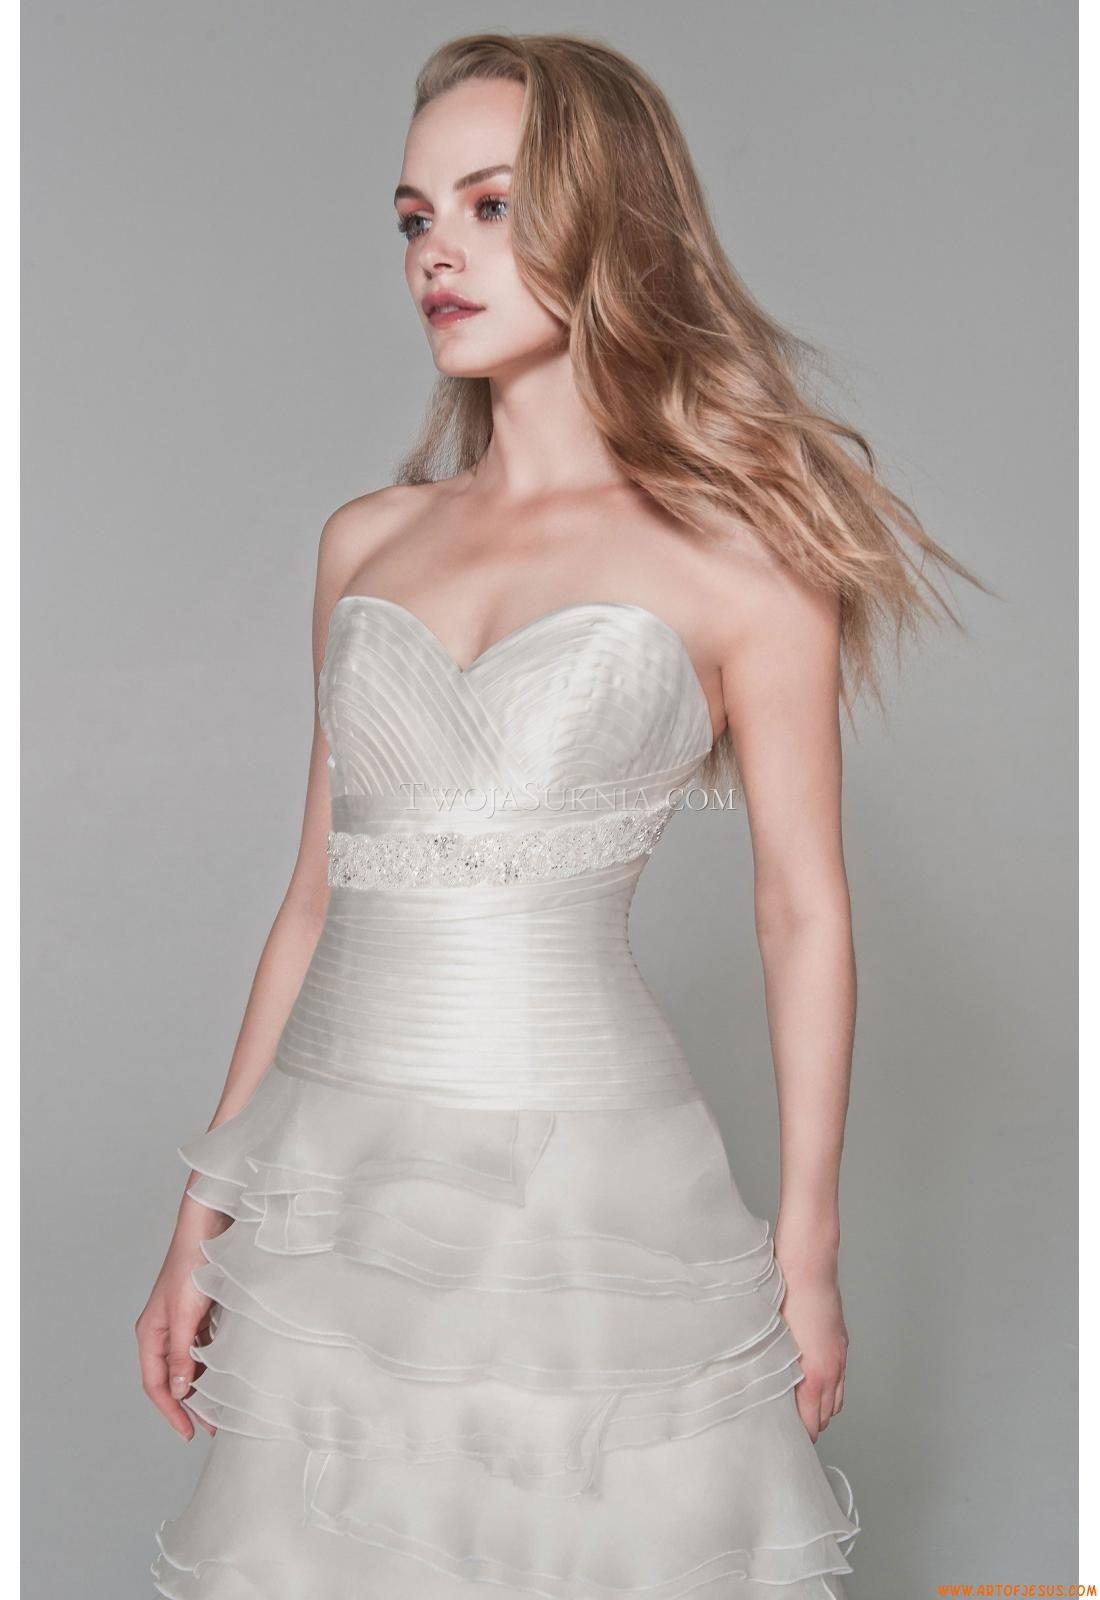 Maßgeschneiderte Romantische Traumhafte Brautkleider aus Organza mit ...